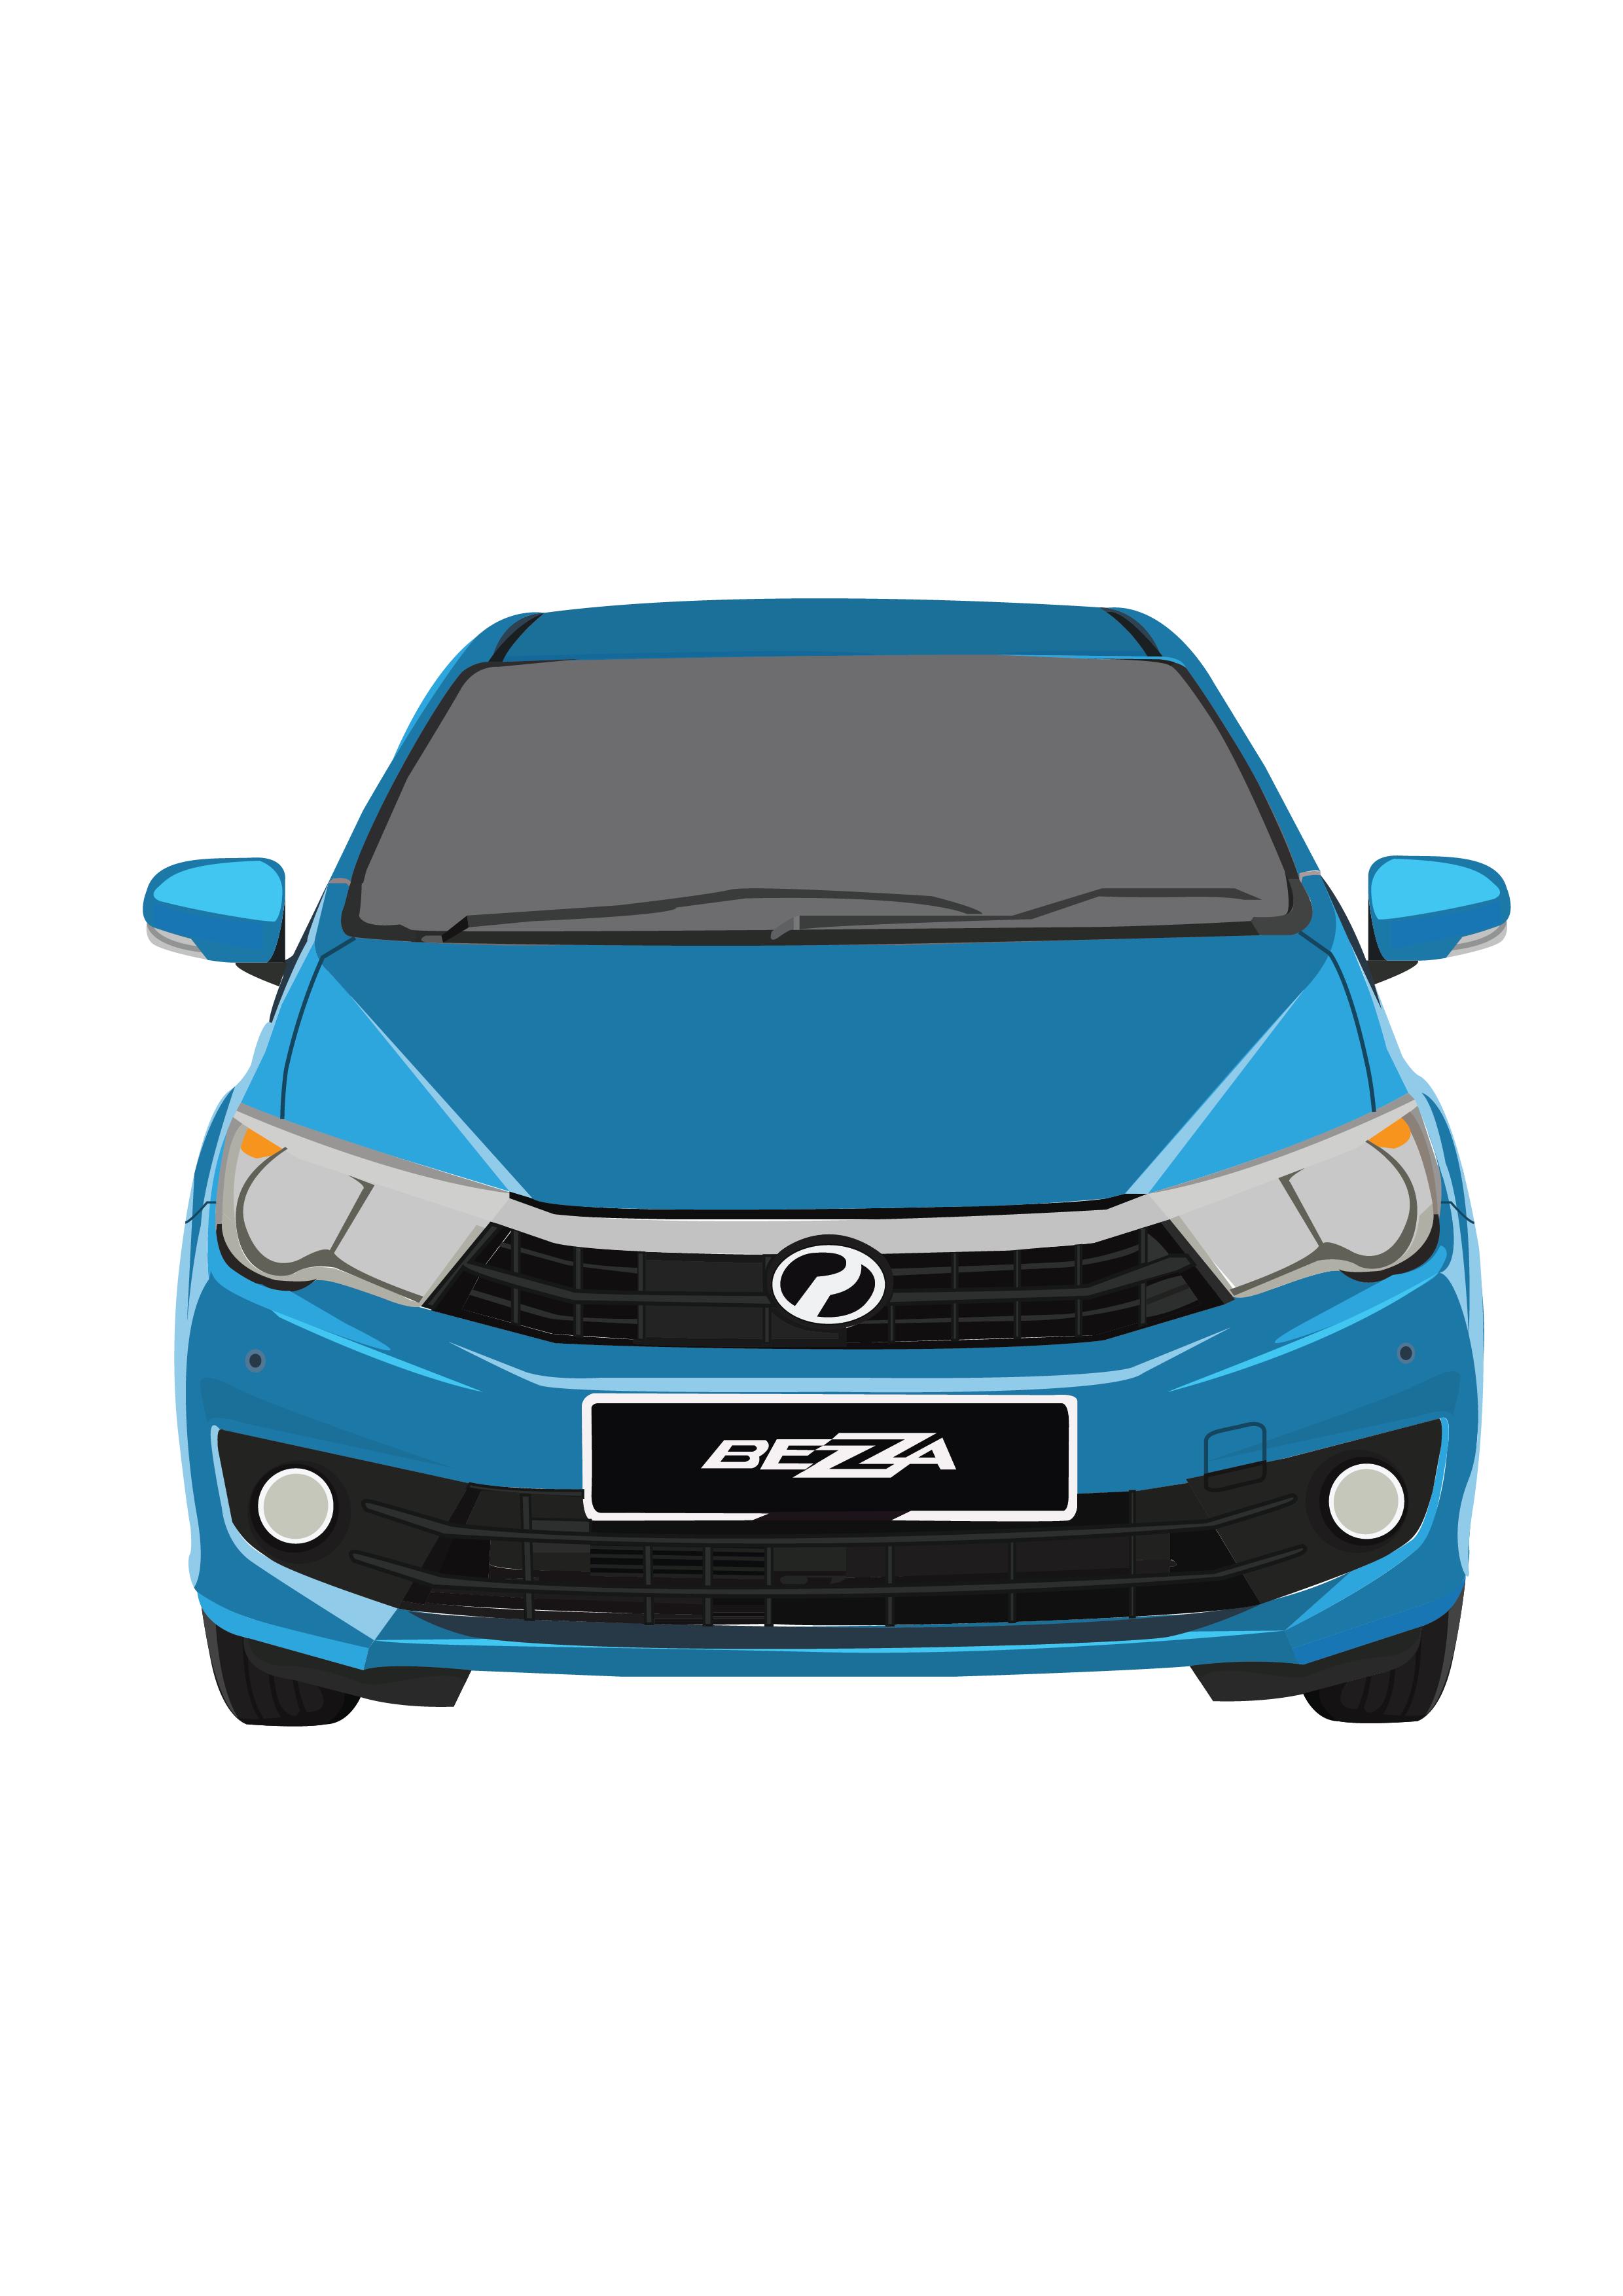 Perodua Bezza - Ocean Blue by Tarenlee on Newgrounds